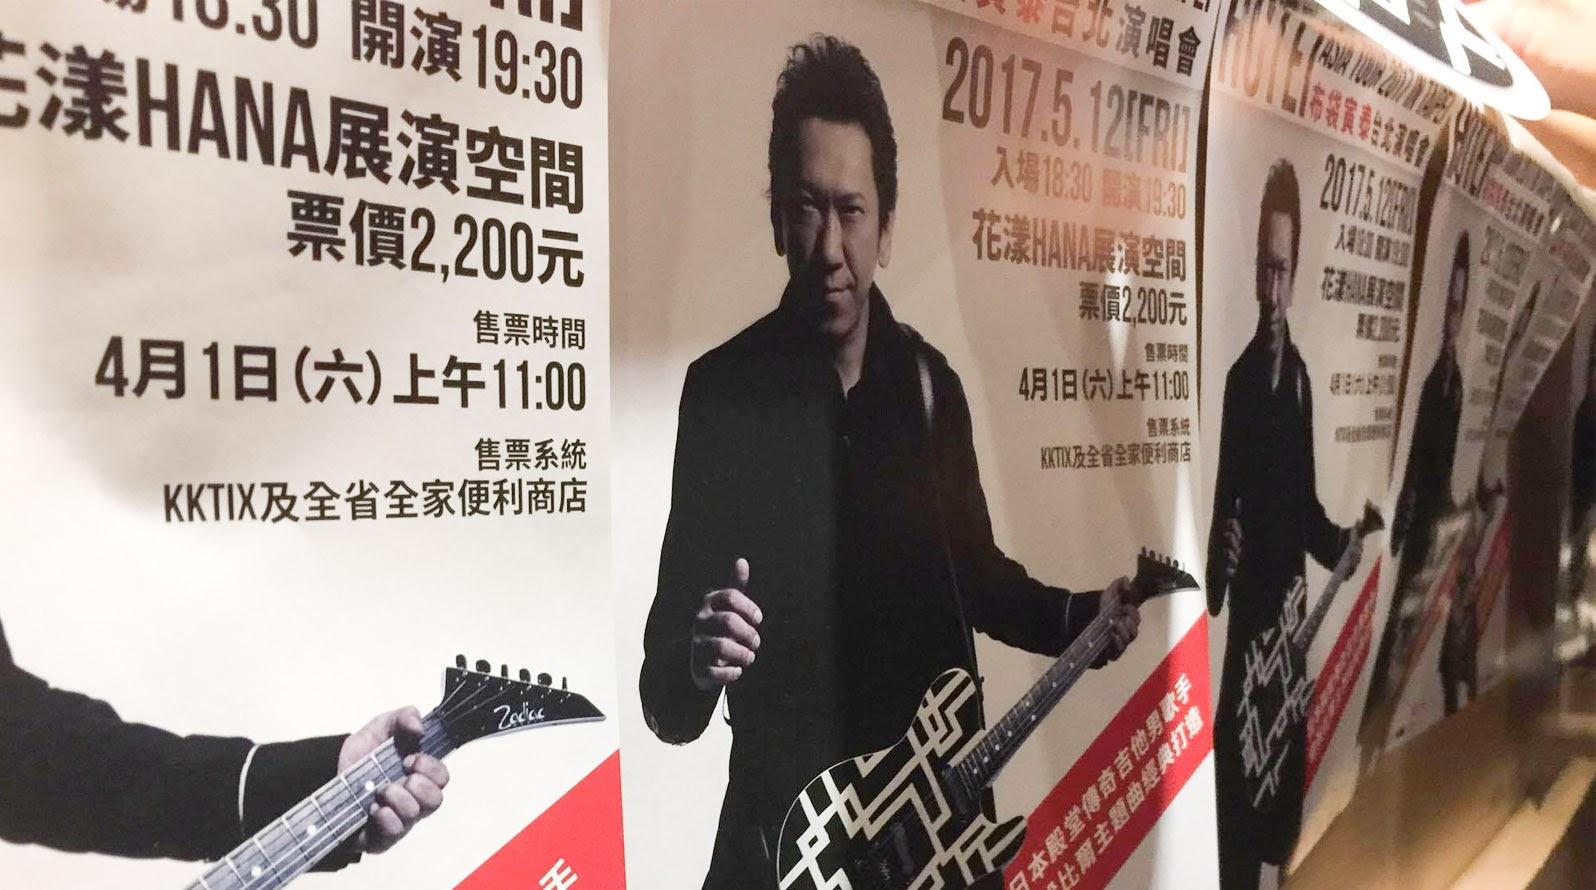 【迷迷歌單】HOTEI ASIA TOUR 2017 IN TAIPEI